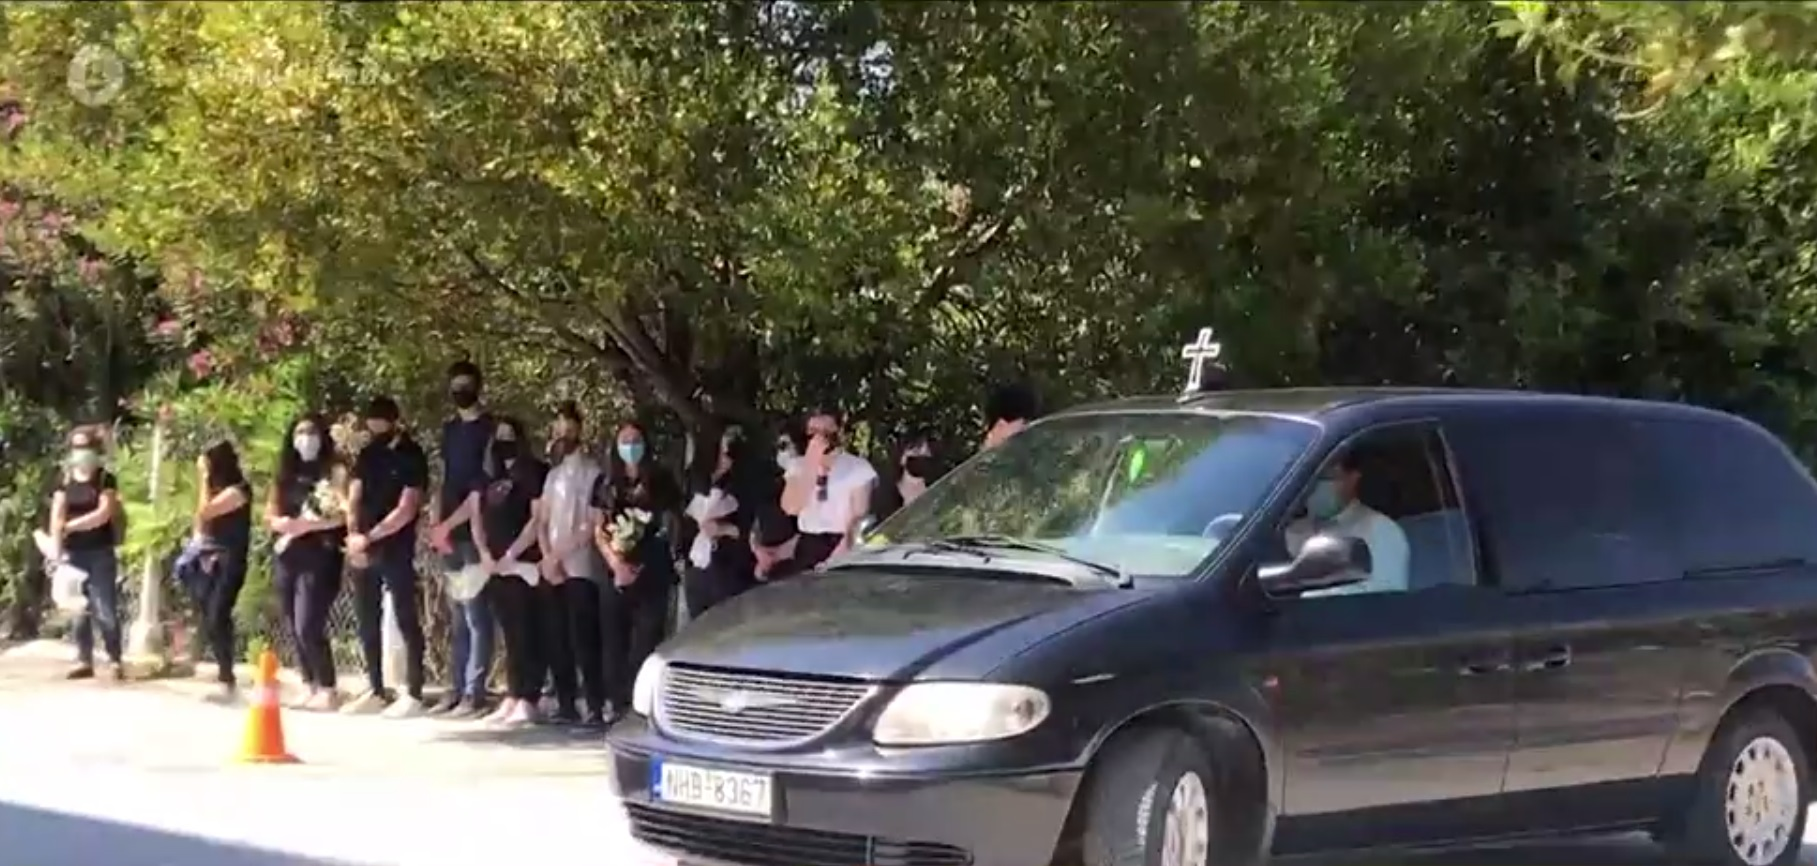 Νέα Μάλγαρα: Σπαραγμός στο τελευταίο αντίο του μικρού Γιώργου – Συγκλονίζει ο ιερέας που τέλεσε την κηδεία